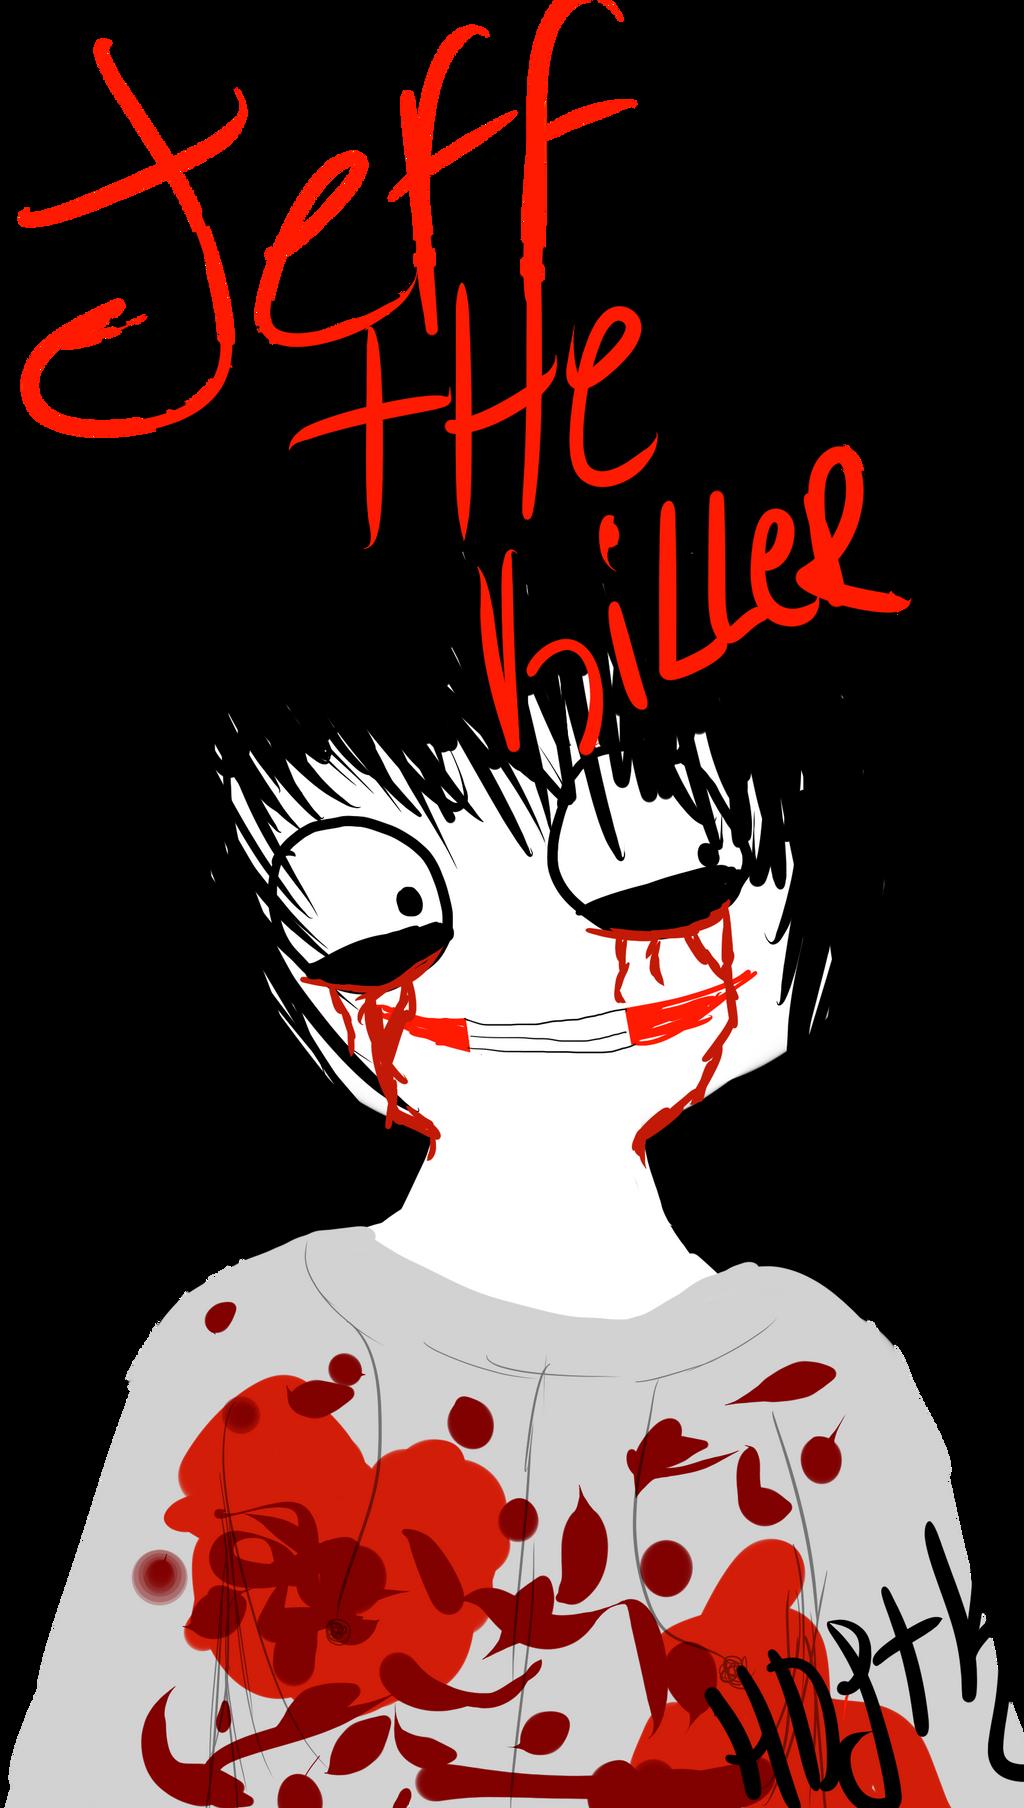 Jeff the killer fanart